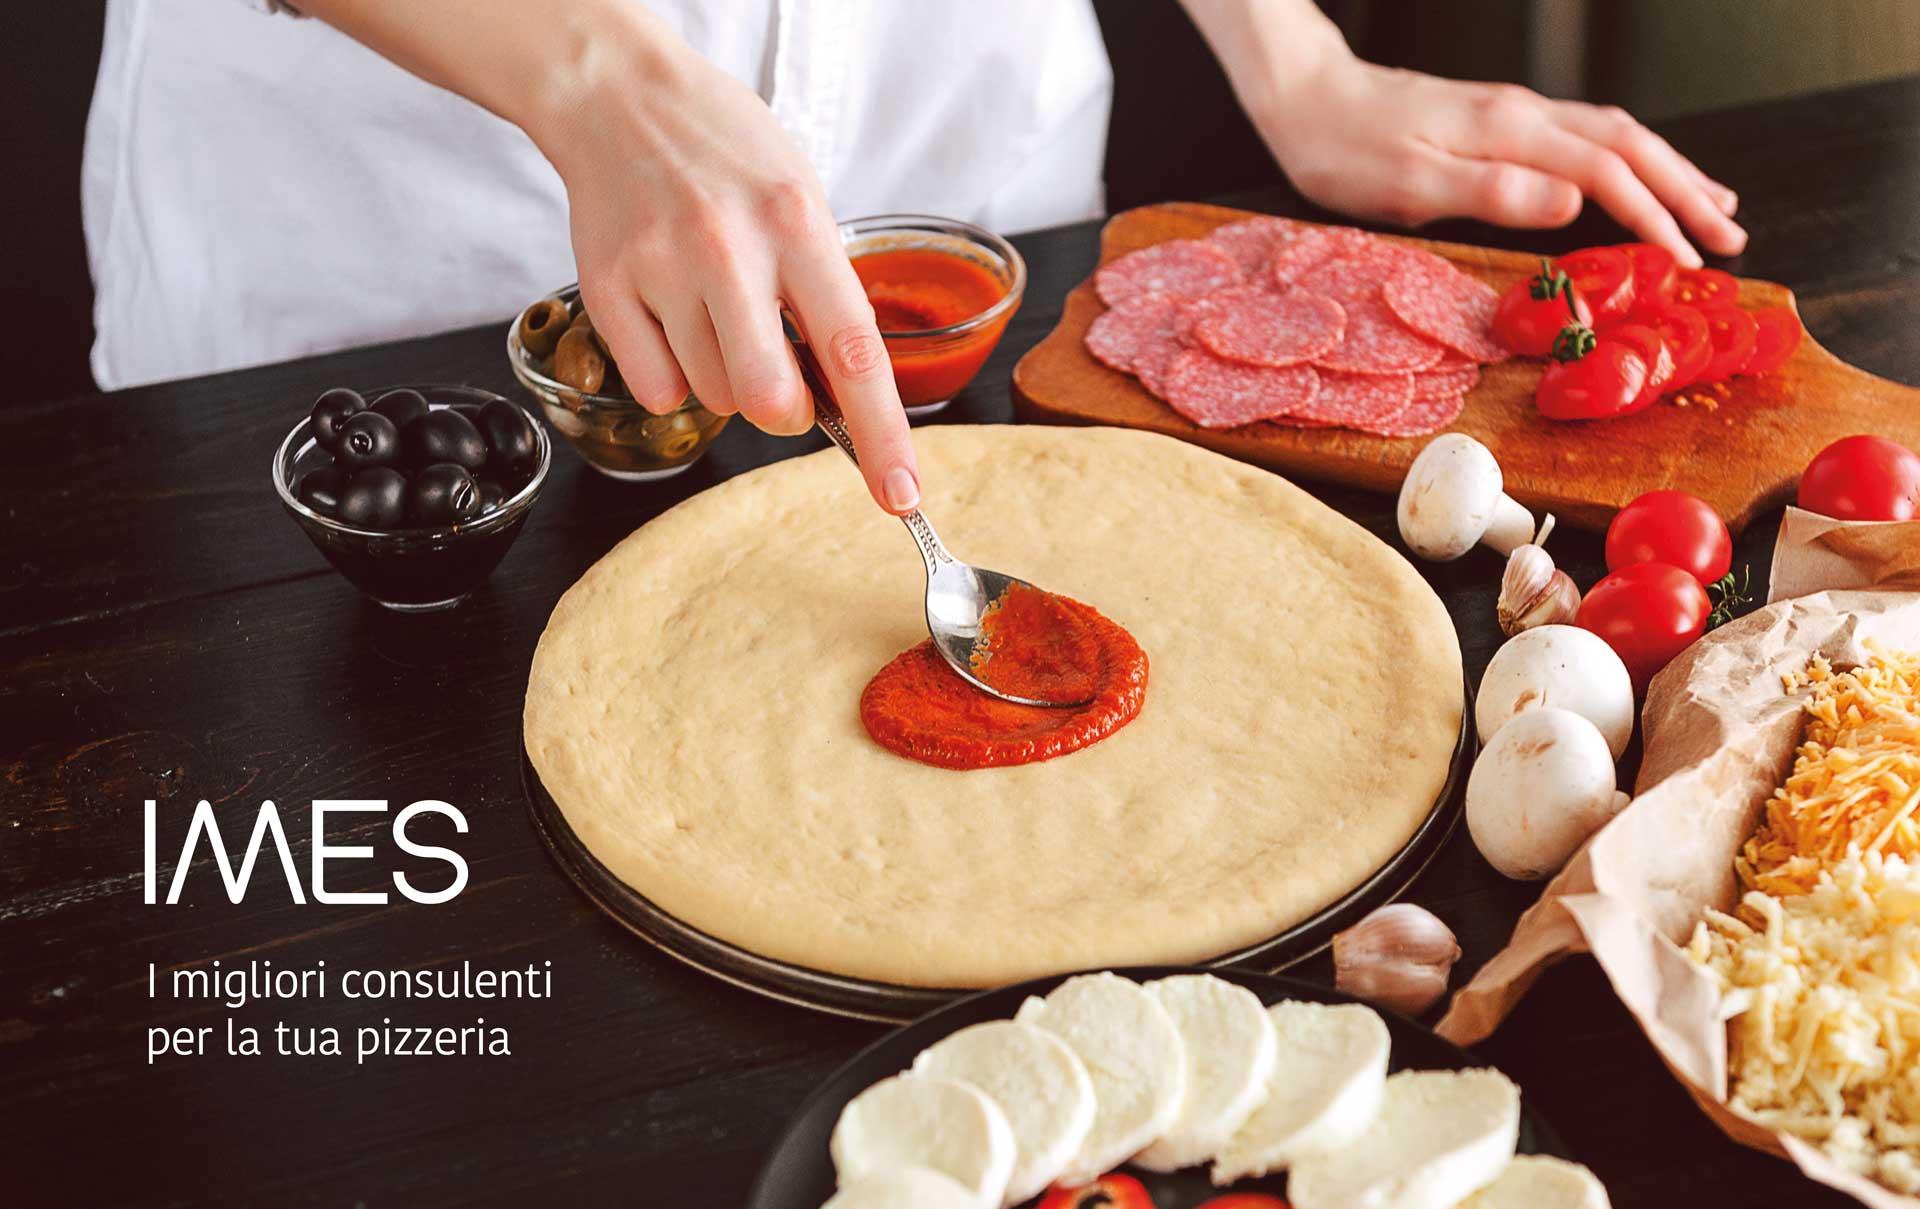 IMES: i migliori consulenti per la tua pizzeria